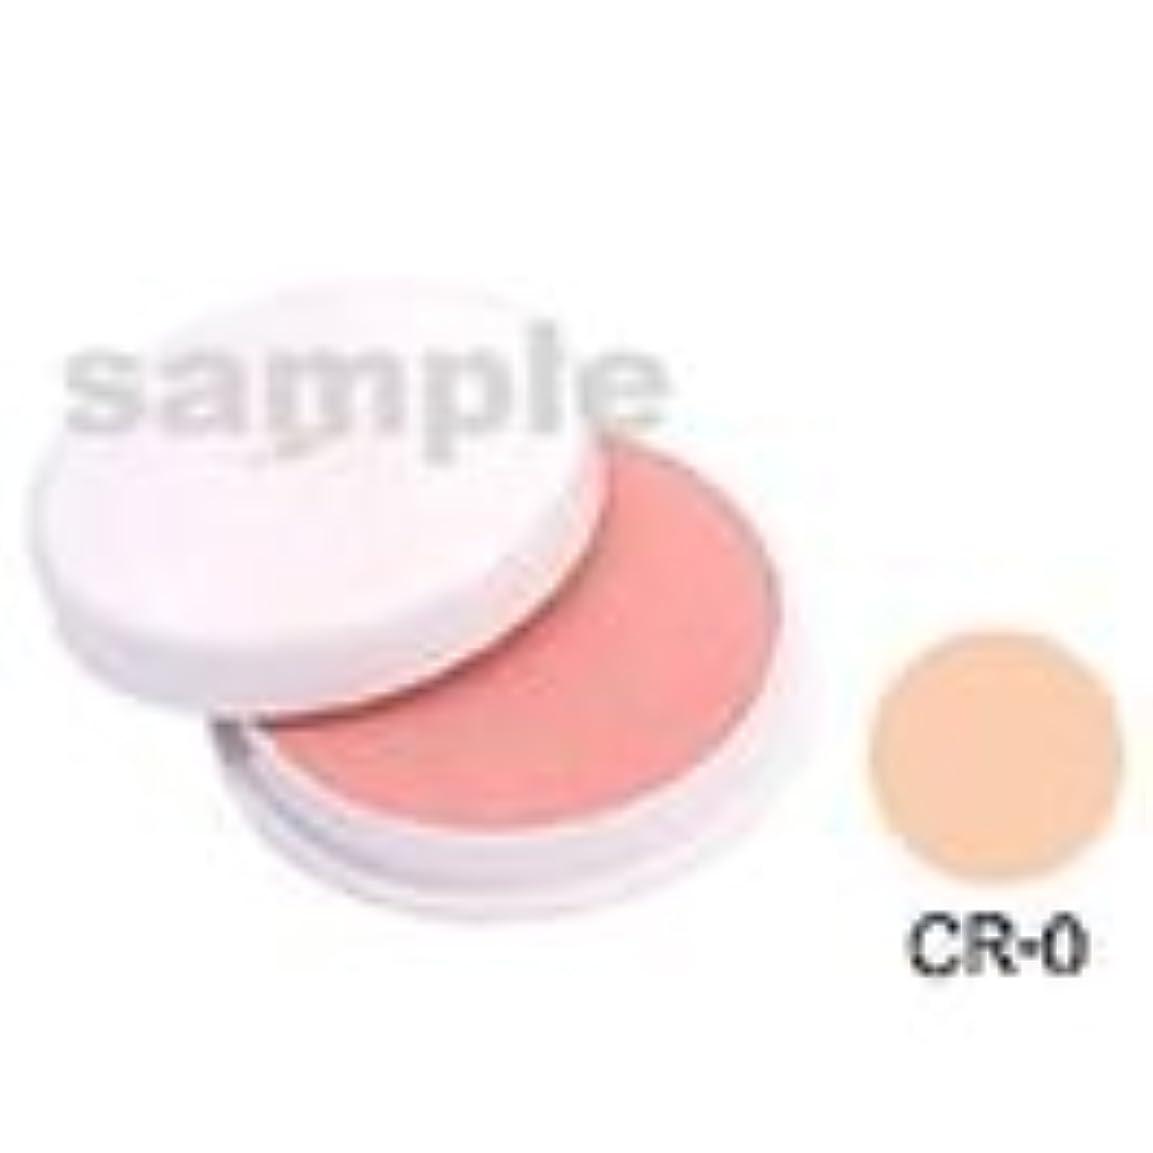 ローンエロチック召喚する三善 フェースケーキ CR-0